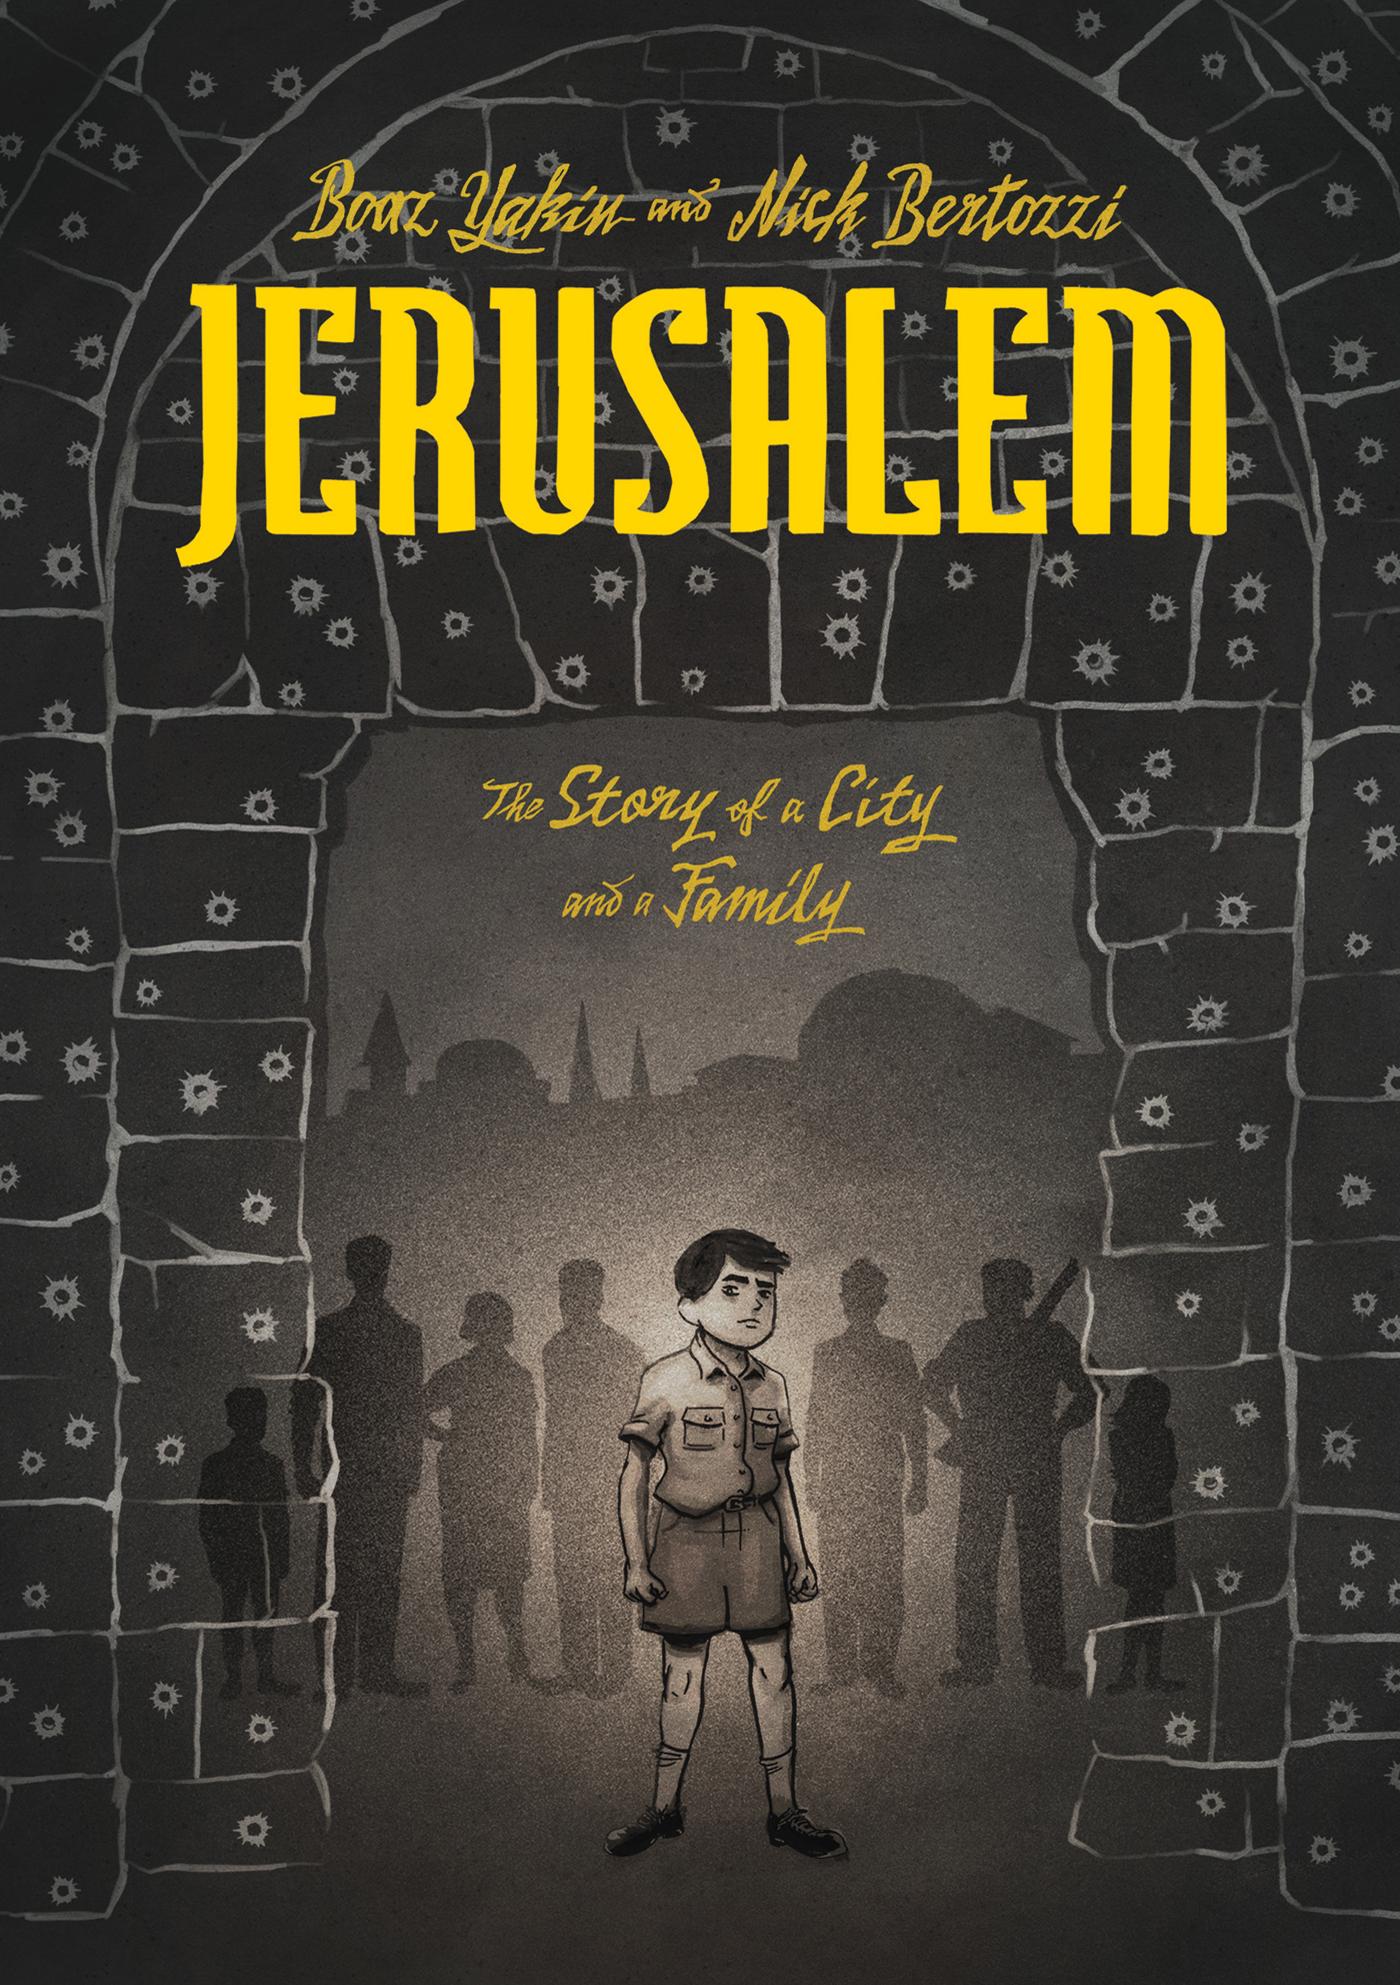 Jerusalem: A Family Portrait by Boaz Yakin and Nick Bertozzi, based